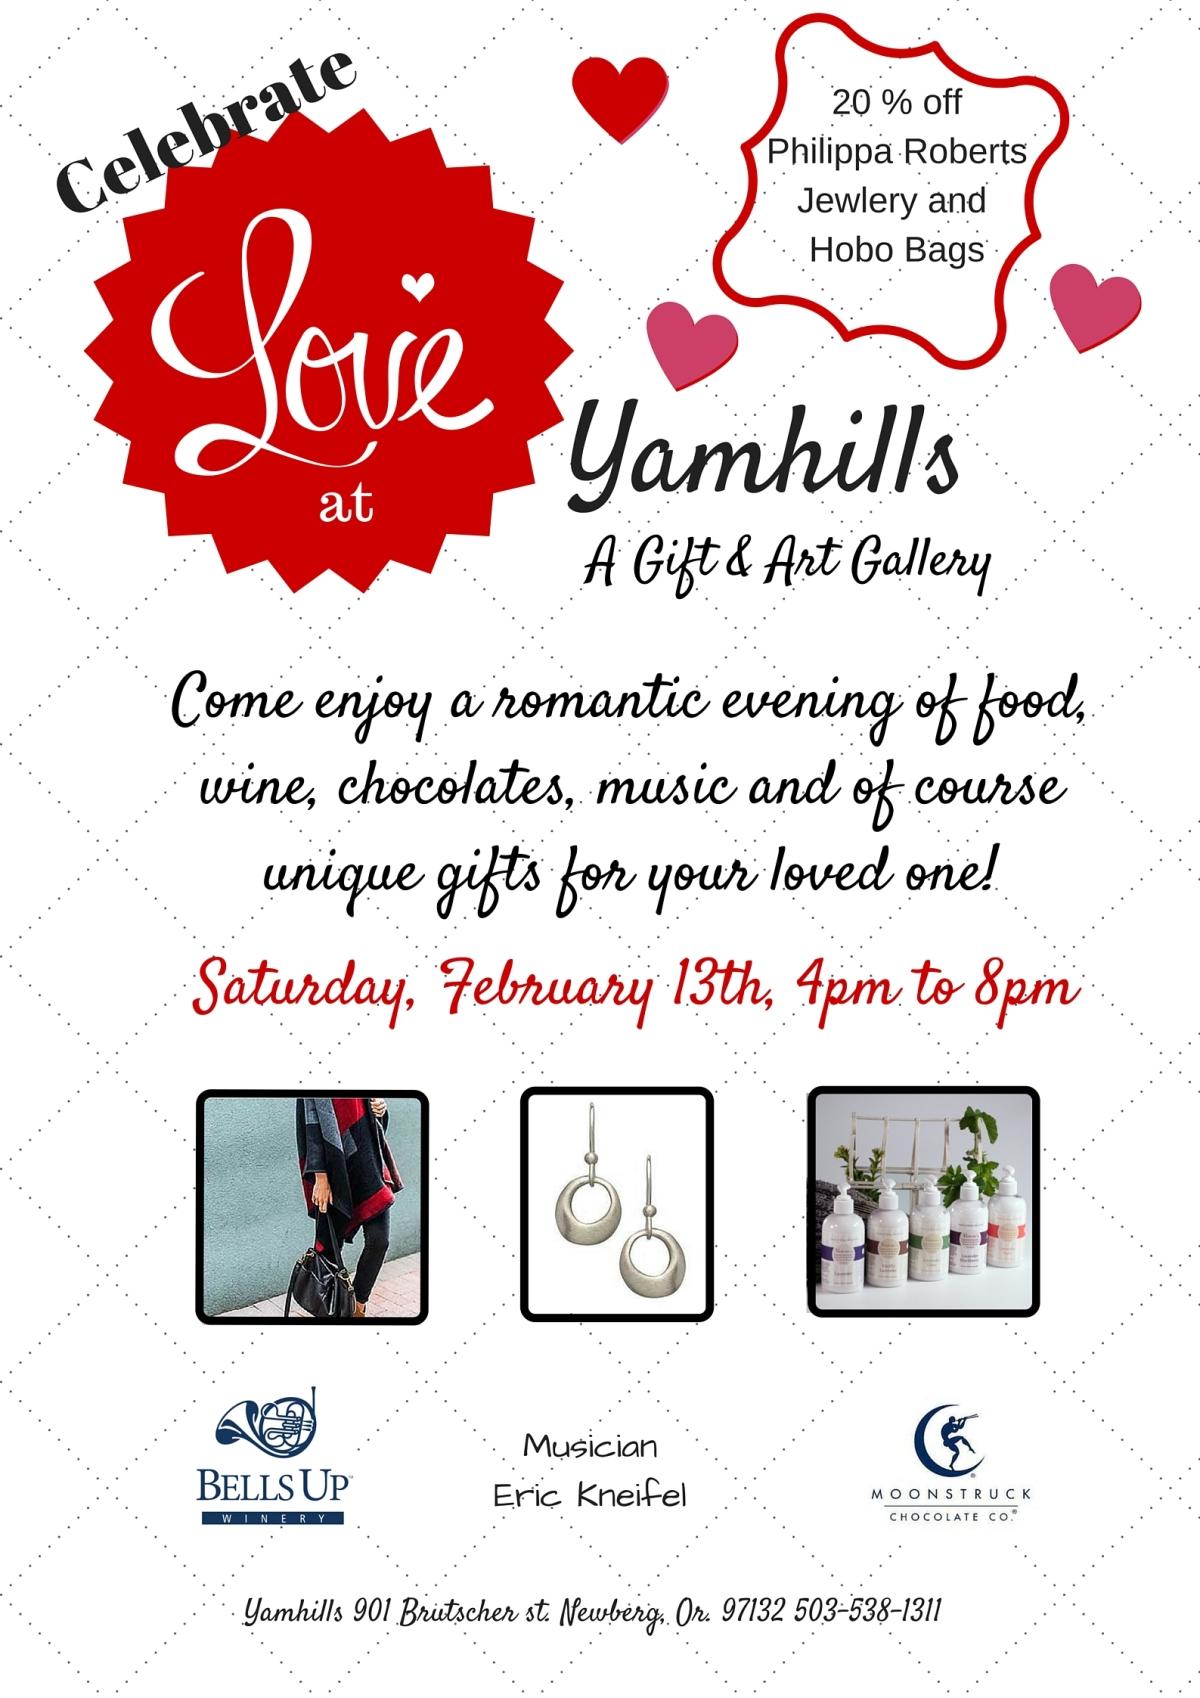 Yamhills_Valentines-Celebration.jpg